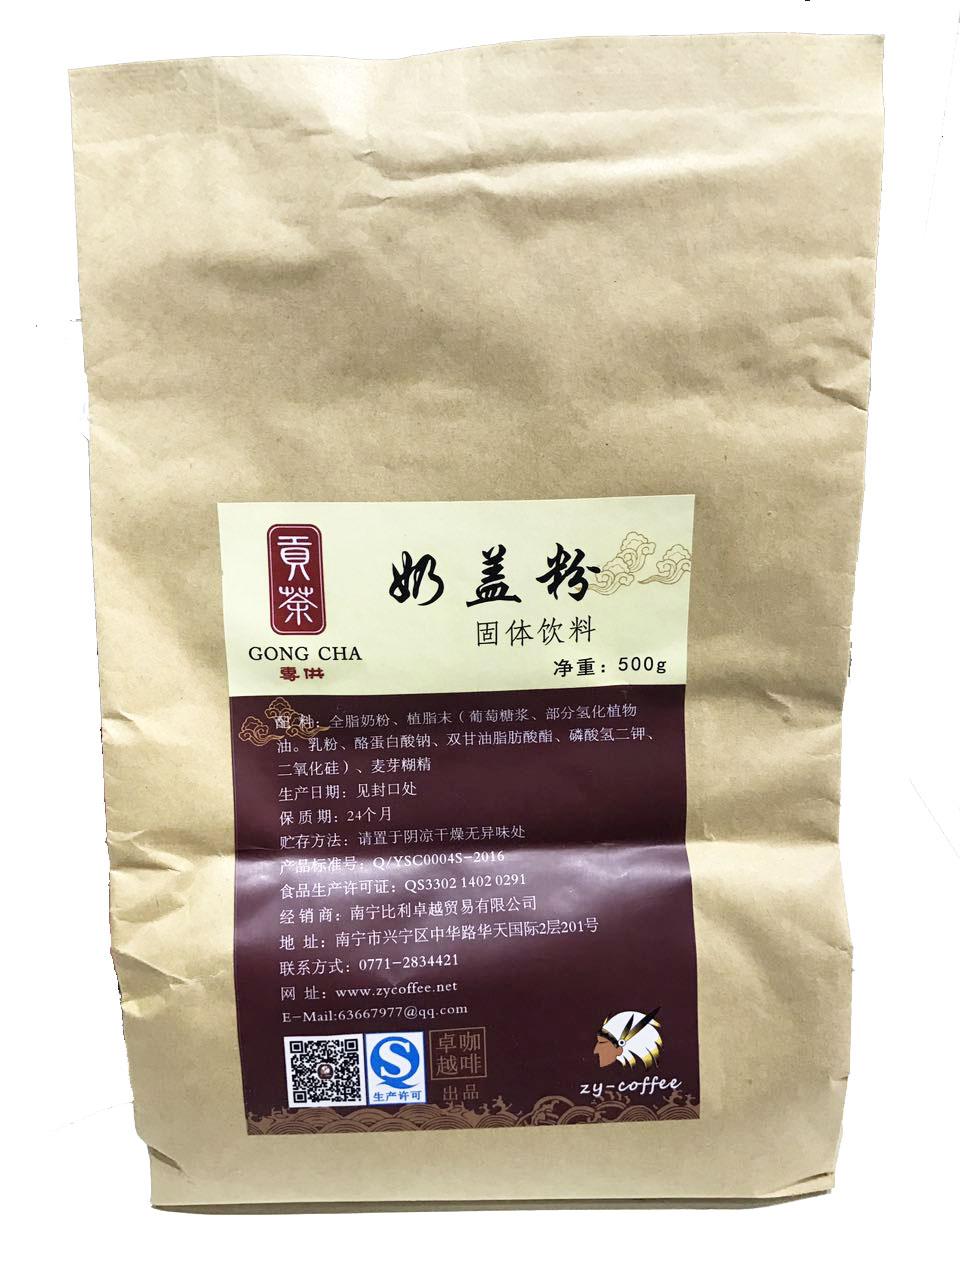 桂林咖啡原料——热销咖啡原料推荐